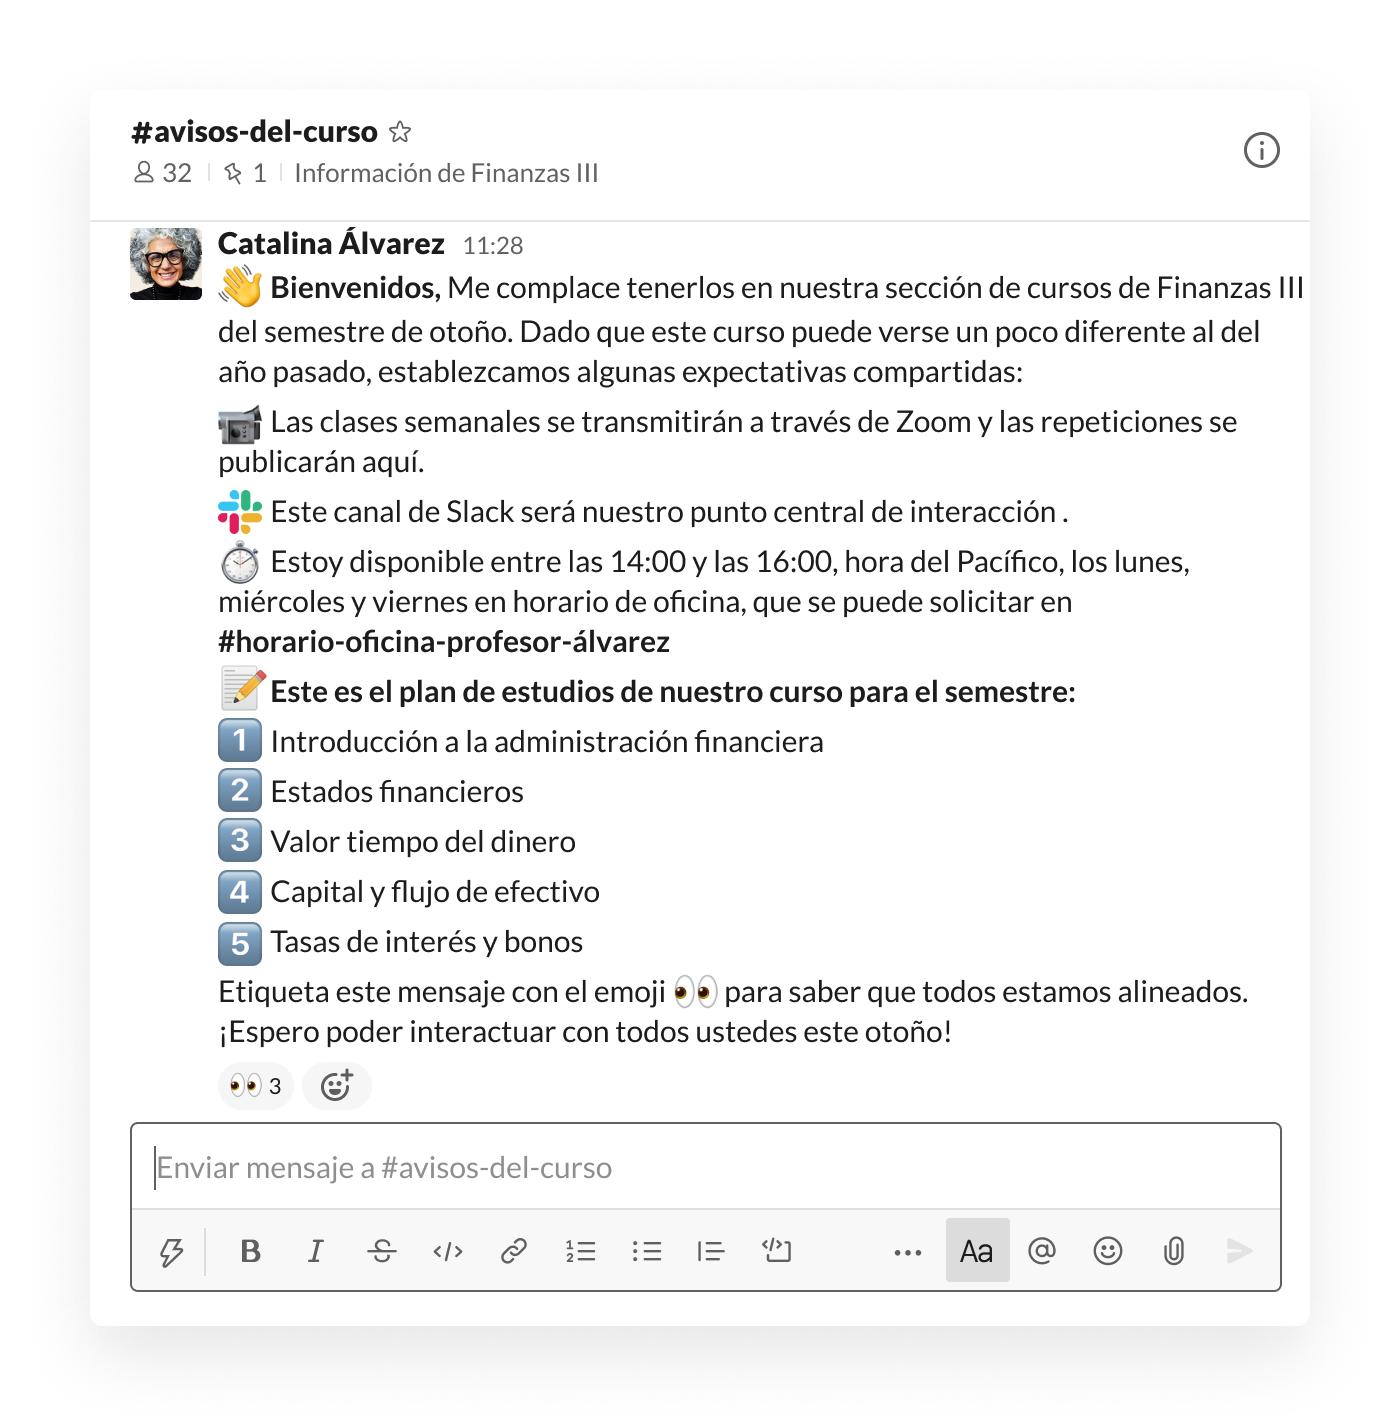 Anuncios para profesores en el canal de Slack